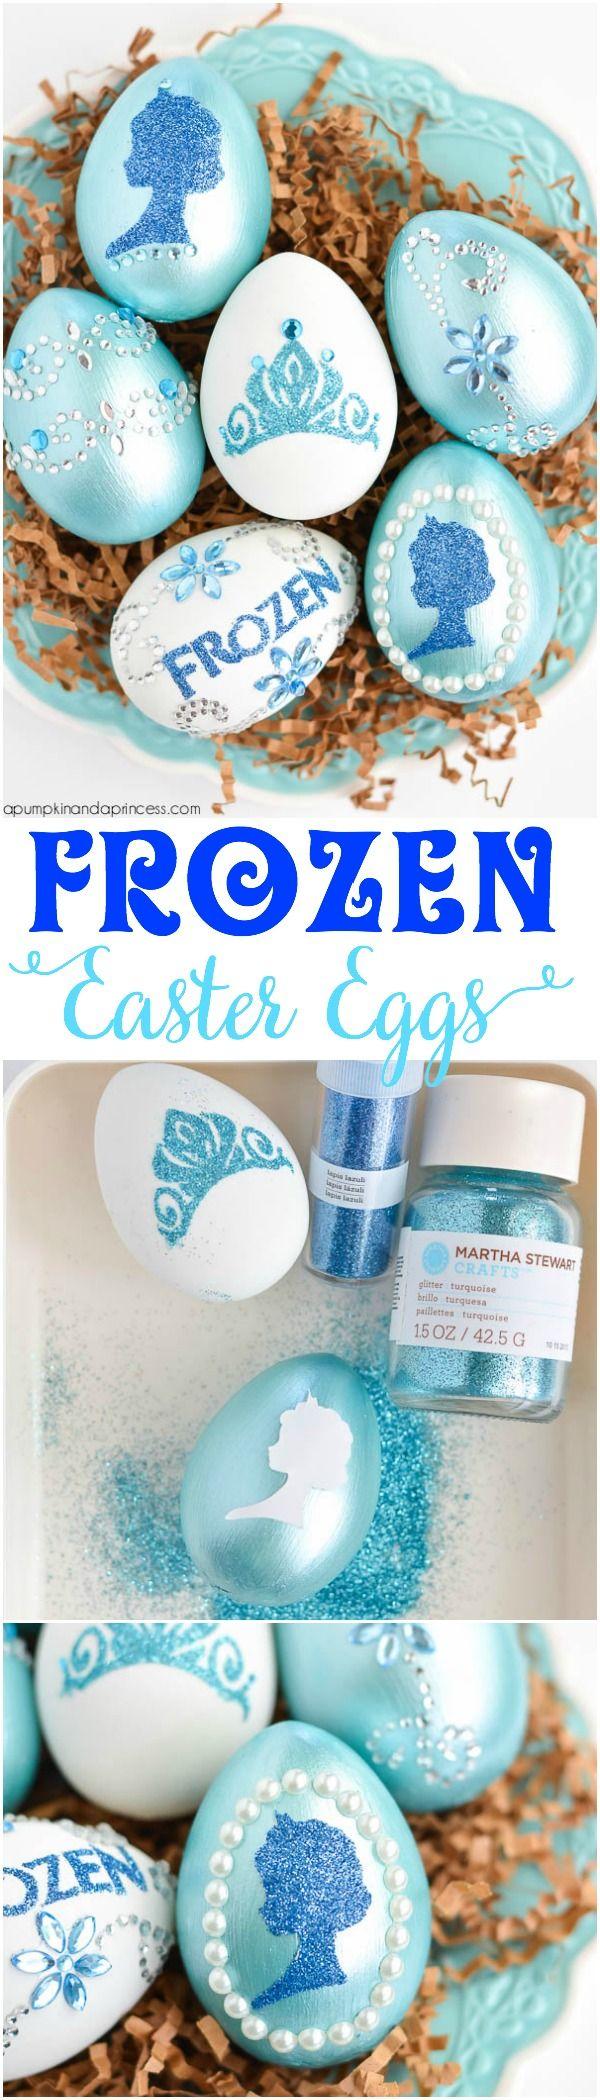 DIY Frozen huevos de Pascua